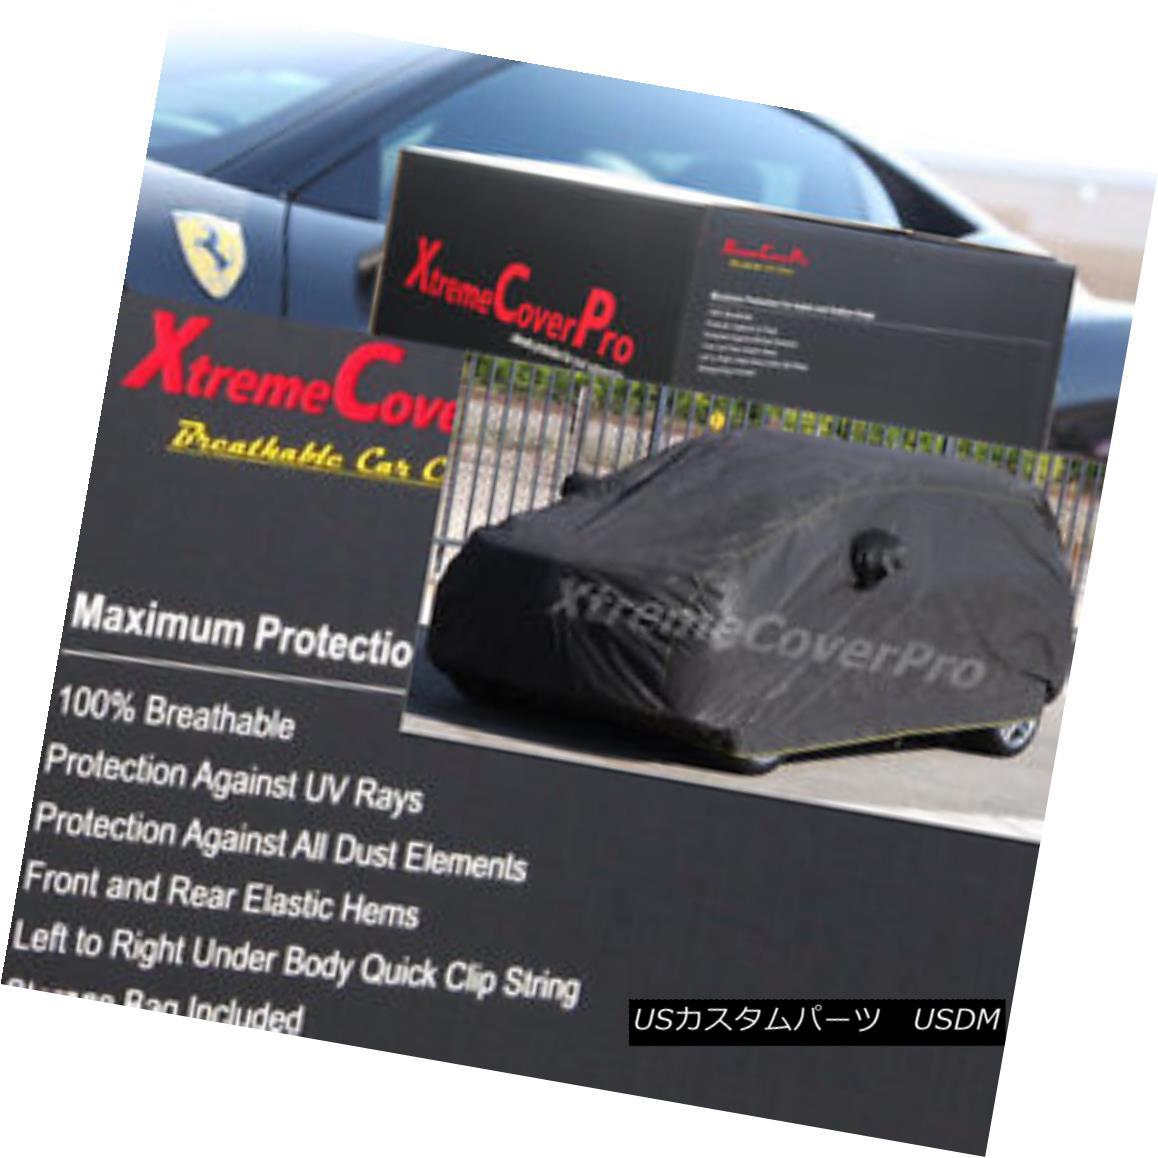 カーカバー 1997 1998 1999 Jeep Cherokee 4-DOOR Breathable Car Cover w/MirrorPocket 1997年1998年1999年ジープ・チェロキー4-DOOR通気性車カバー付き(MirrorPocket)